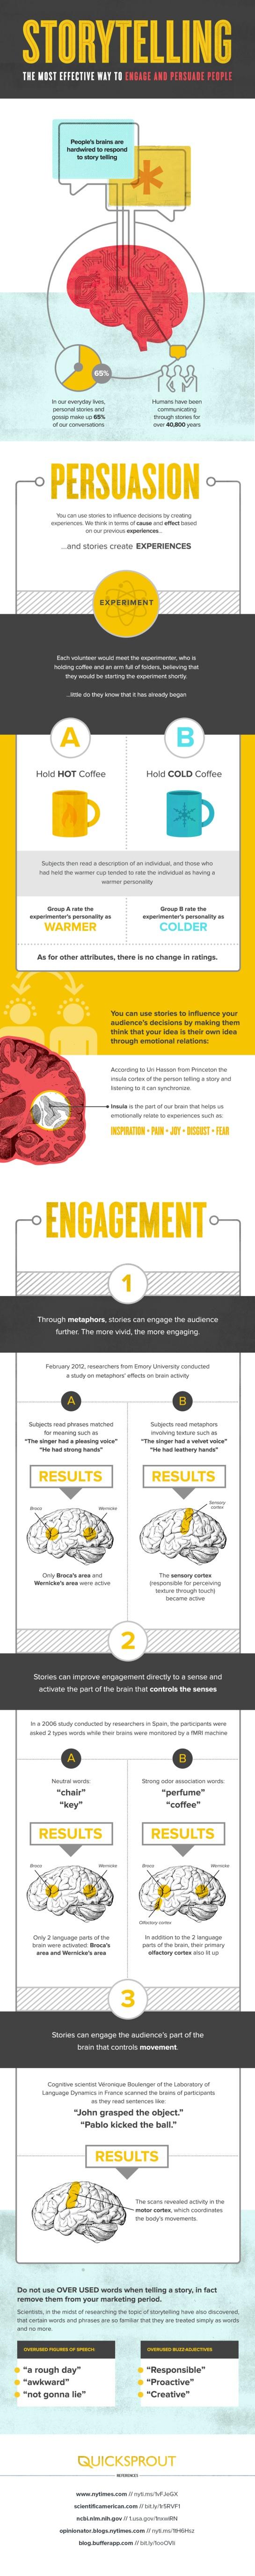 Storytelling, une méthode efficace pour convaincre - AUTOVEILLE